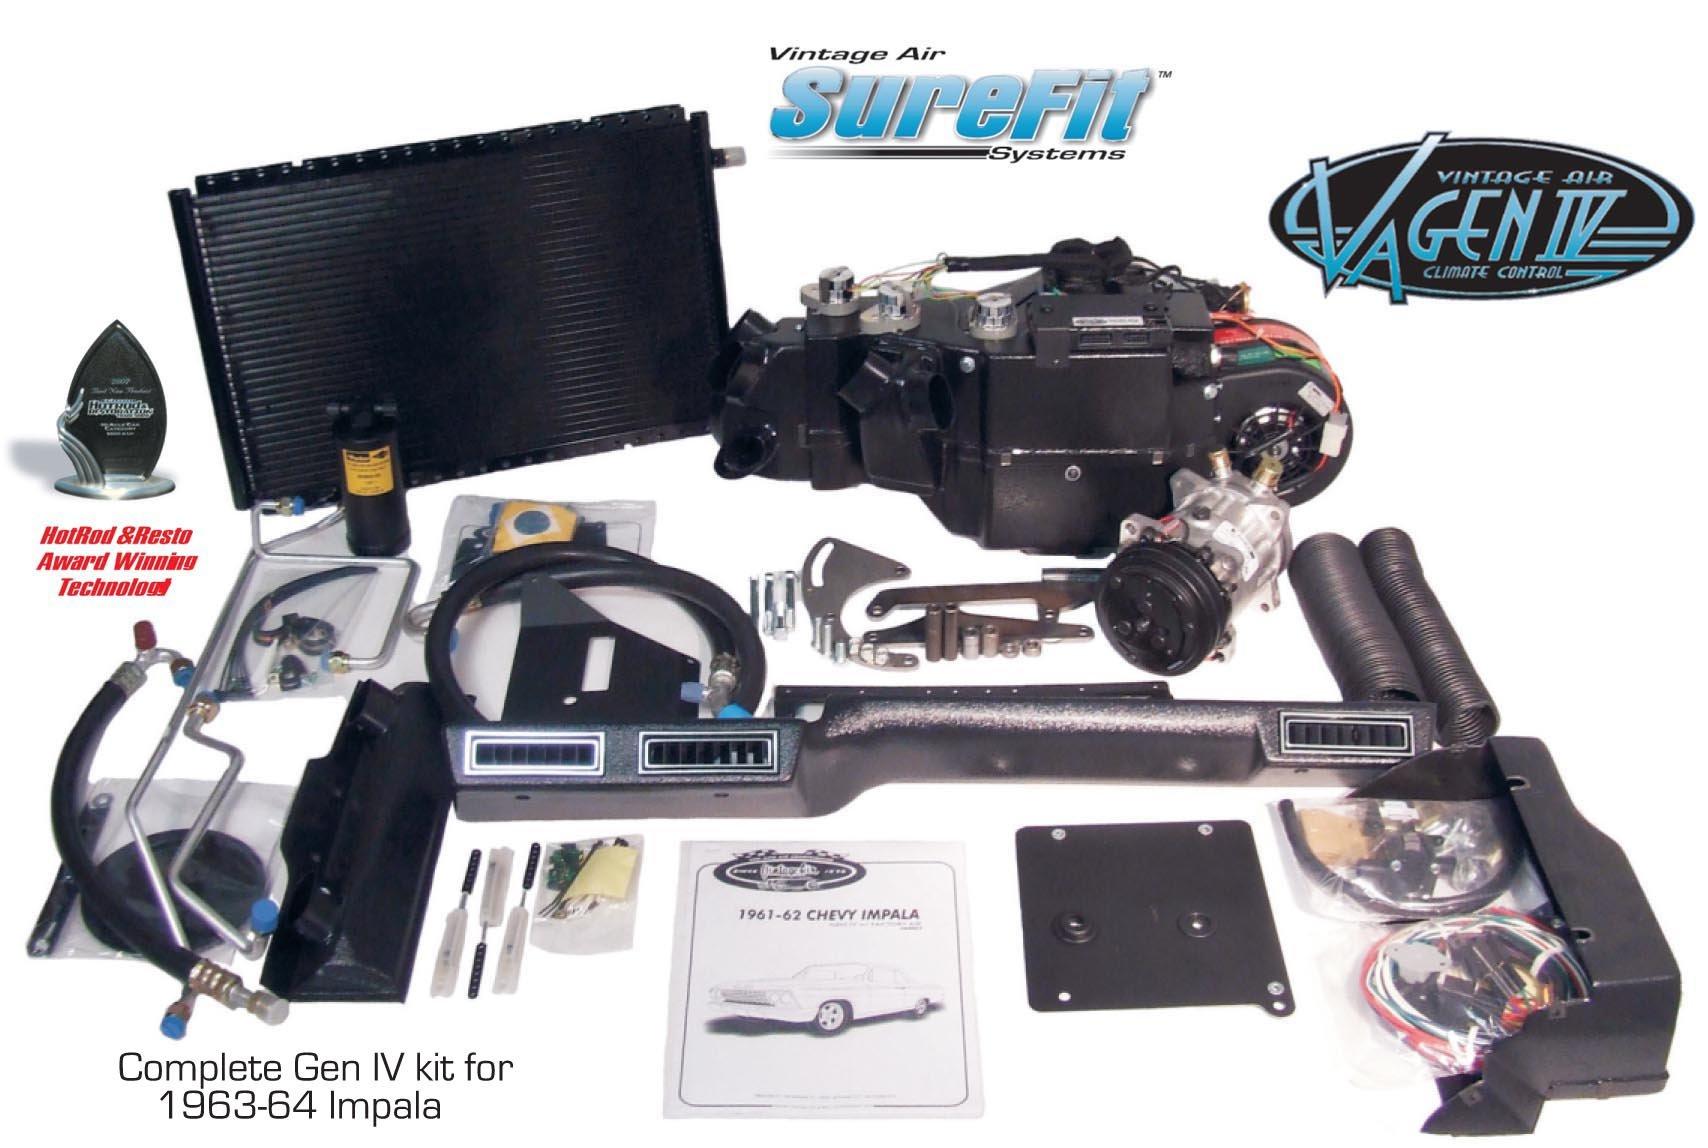 Vintage Air Gen IV SureFit System Kit 1964 Chevy Impala Without Factory AC Complete Kit